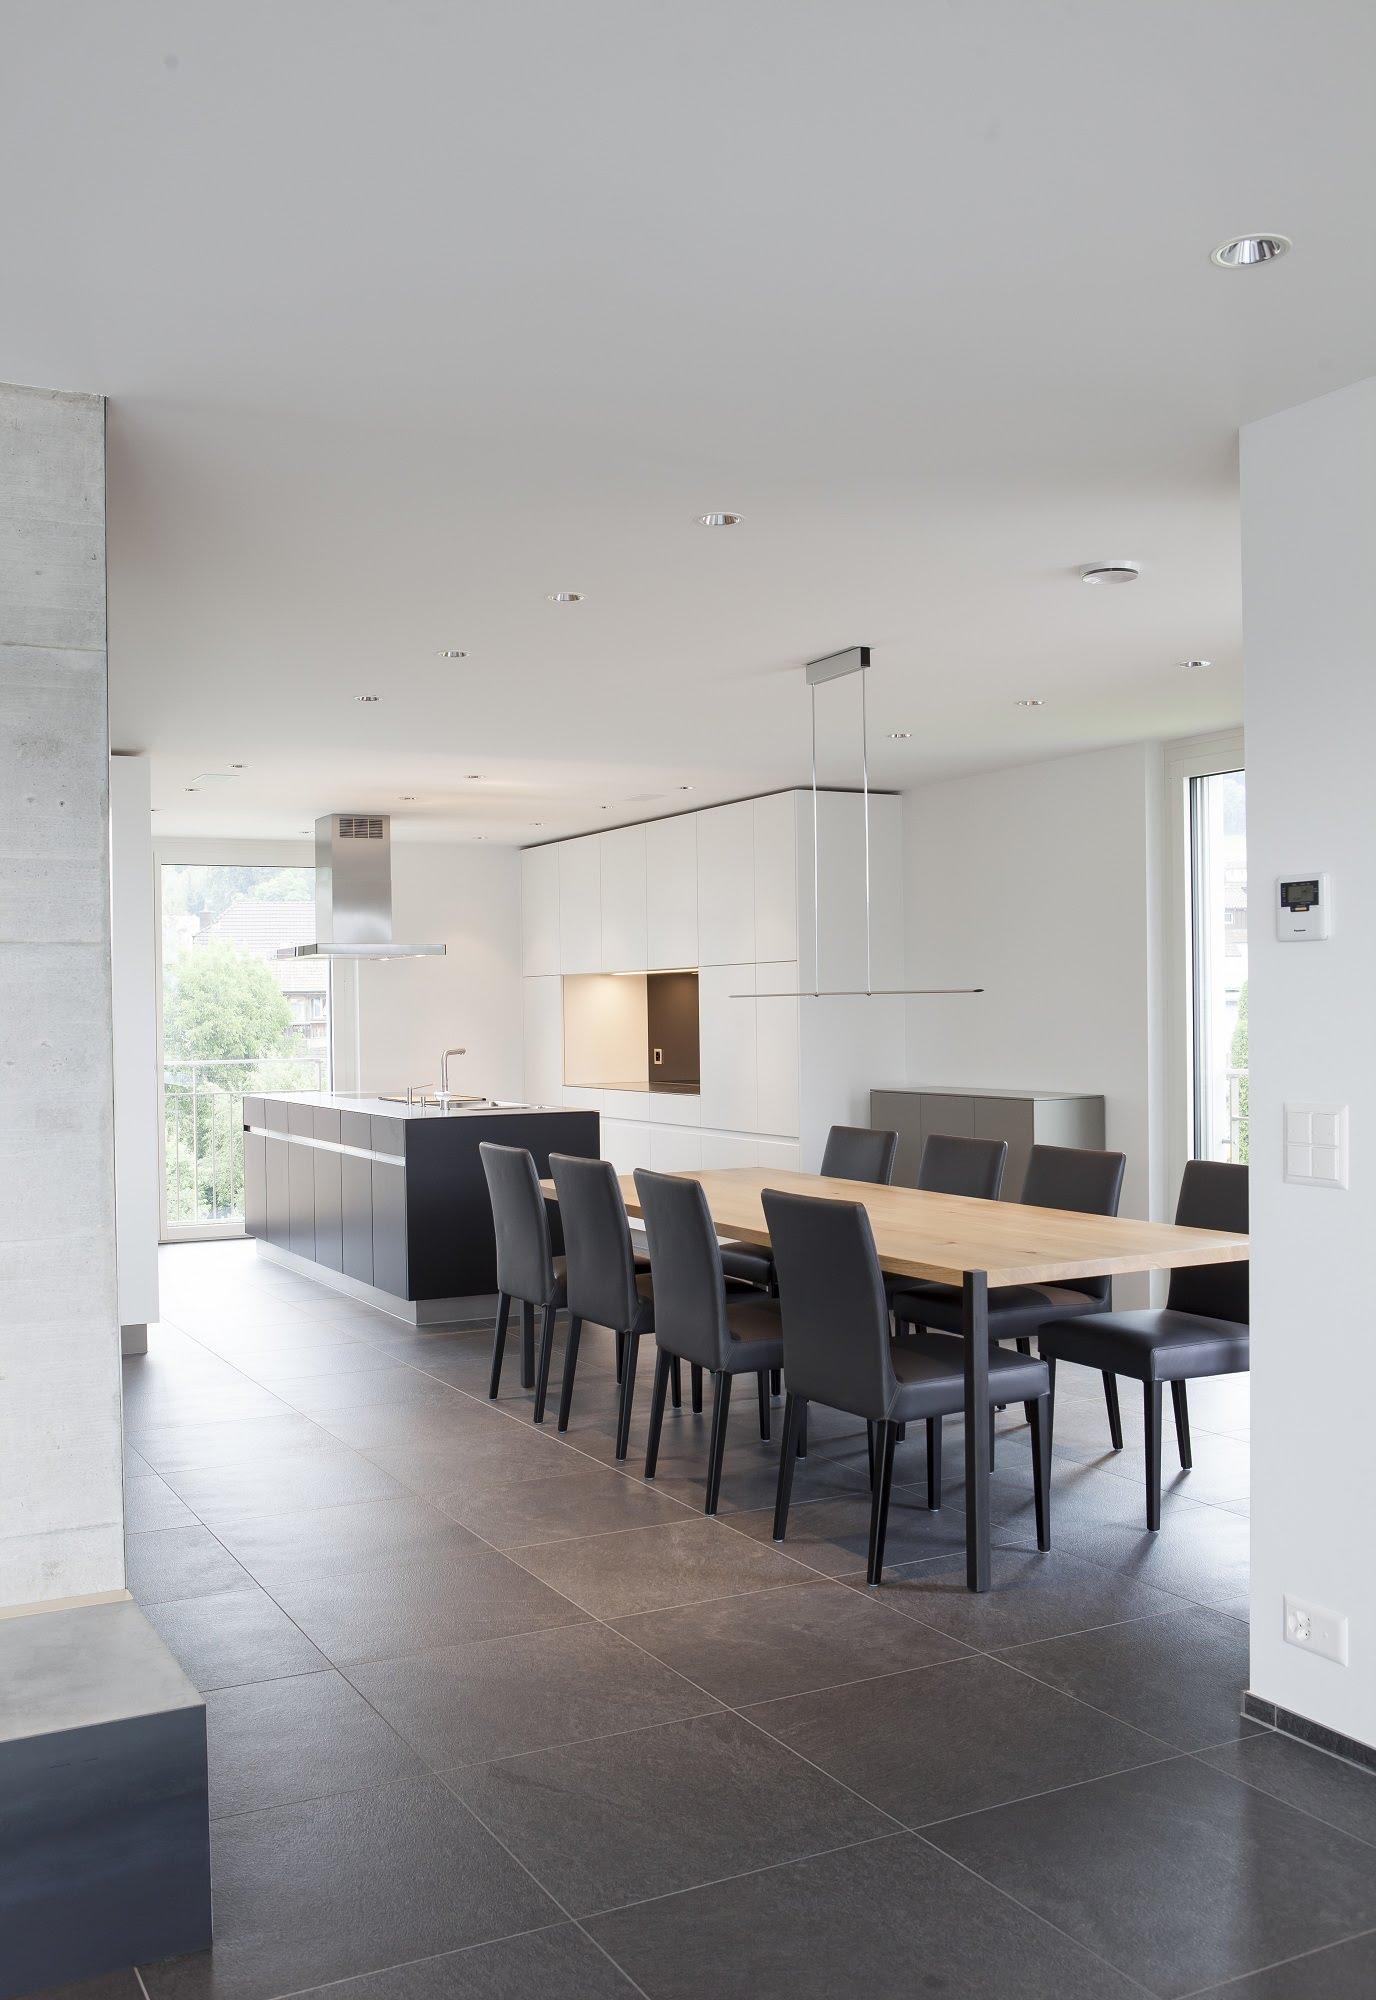 Küche und Einbaumöbel in Holz und Lack - Küchen & Küchenumbau,Raumgestaltung & Innenarchitektur-Küchen werden immer mehr zum Ort der Begegnung - Sursee, Willisau, Aargau, Zentralschweiz, Luzern, Zofingen